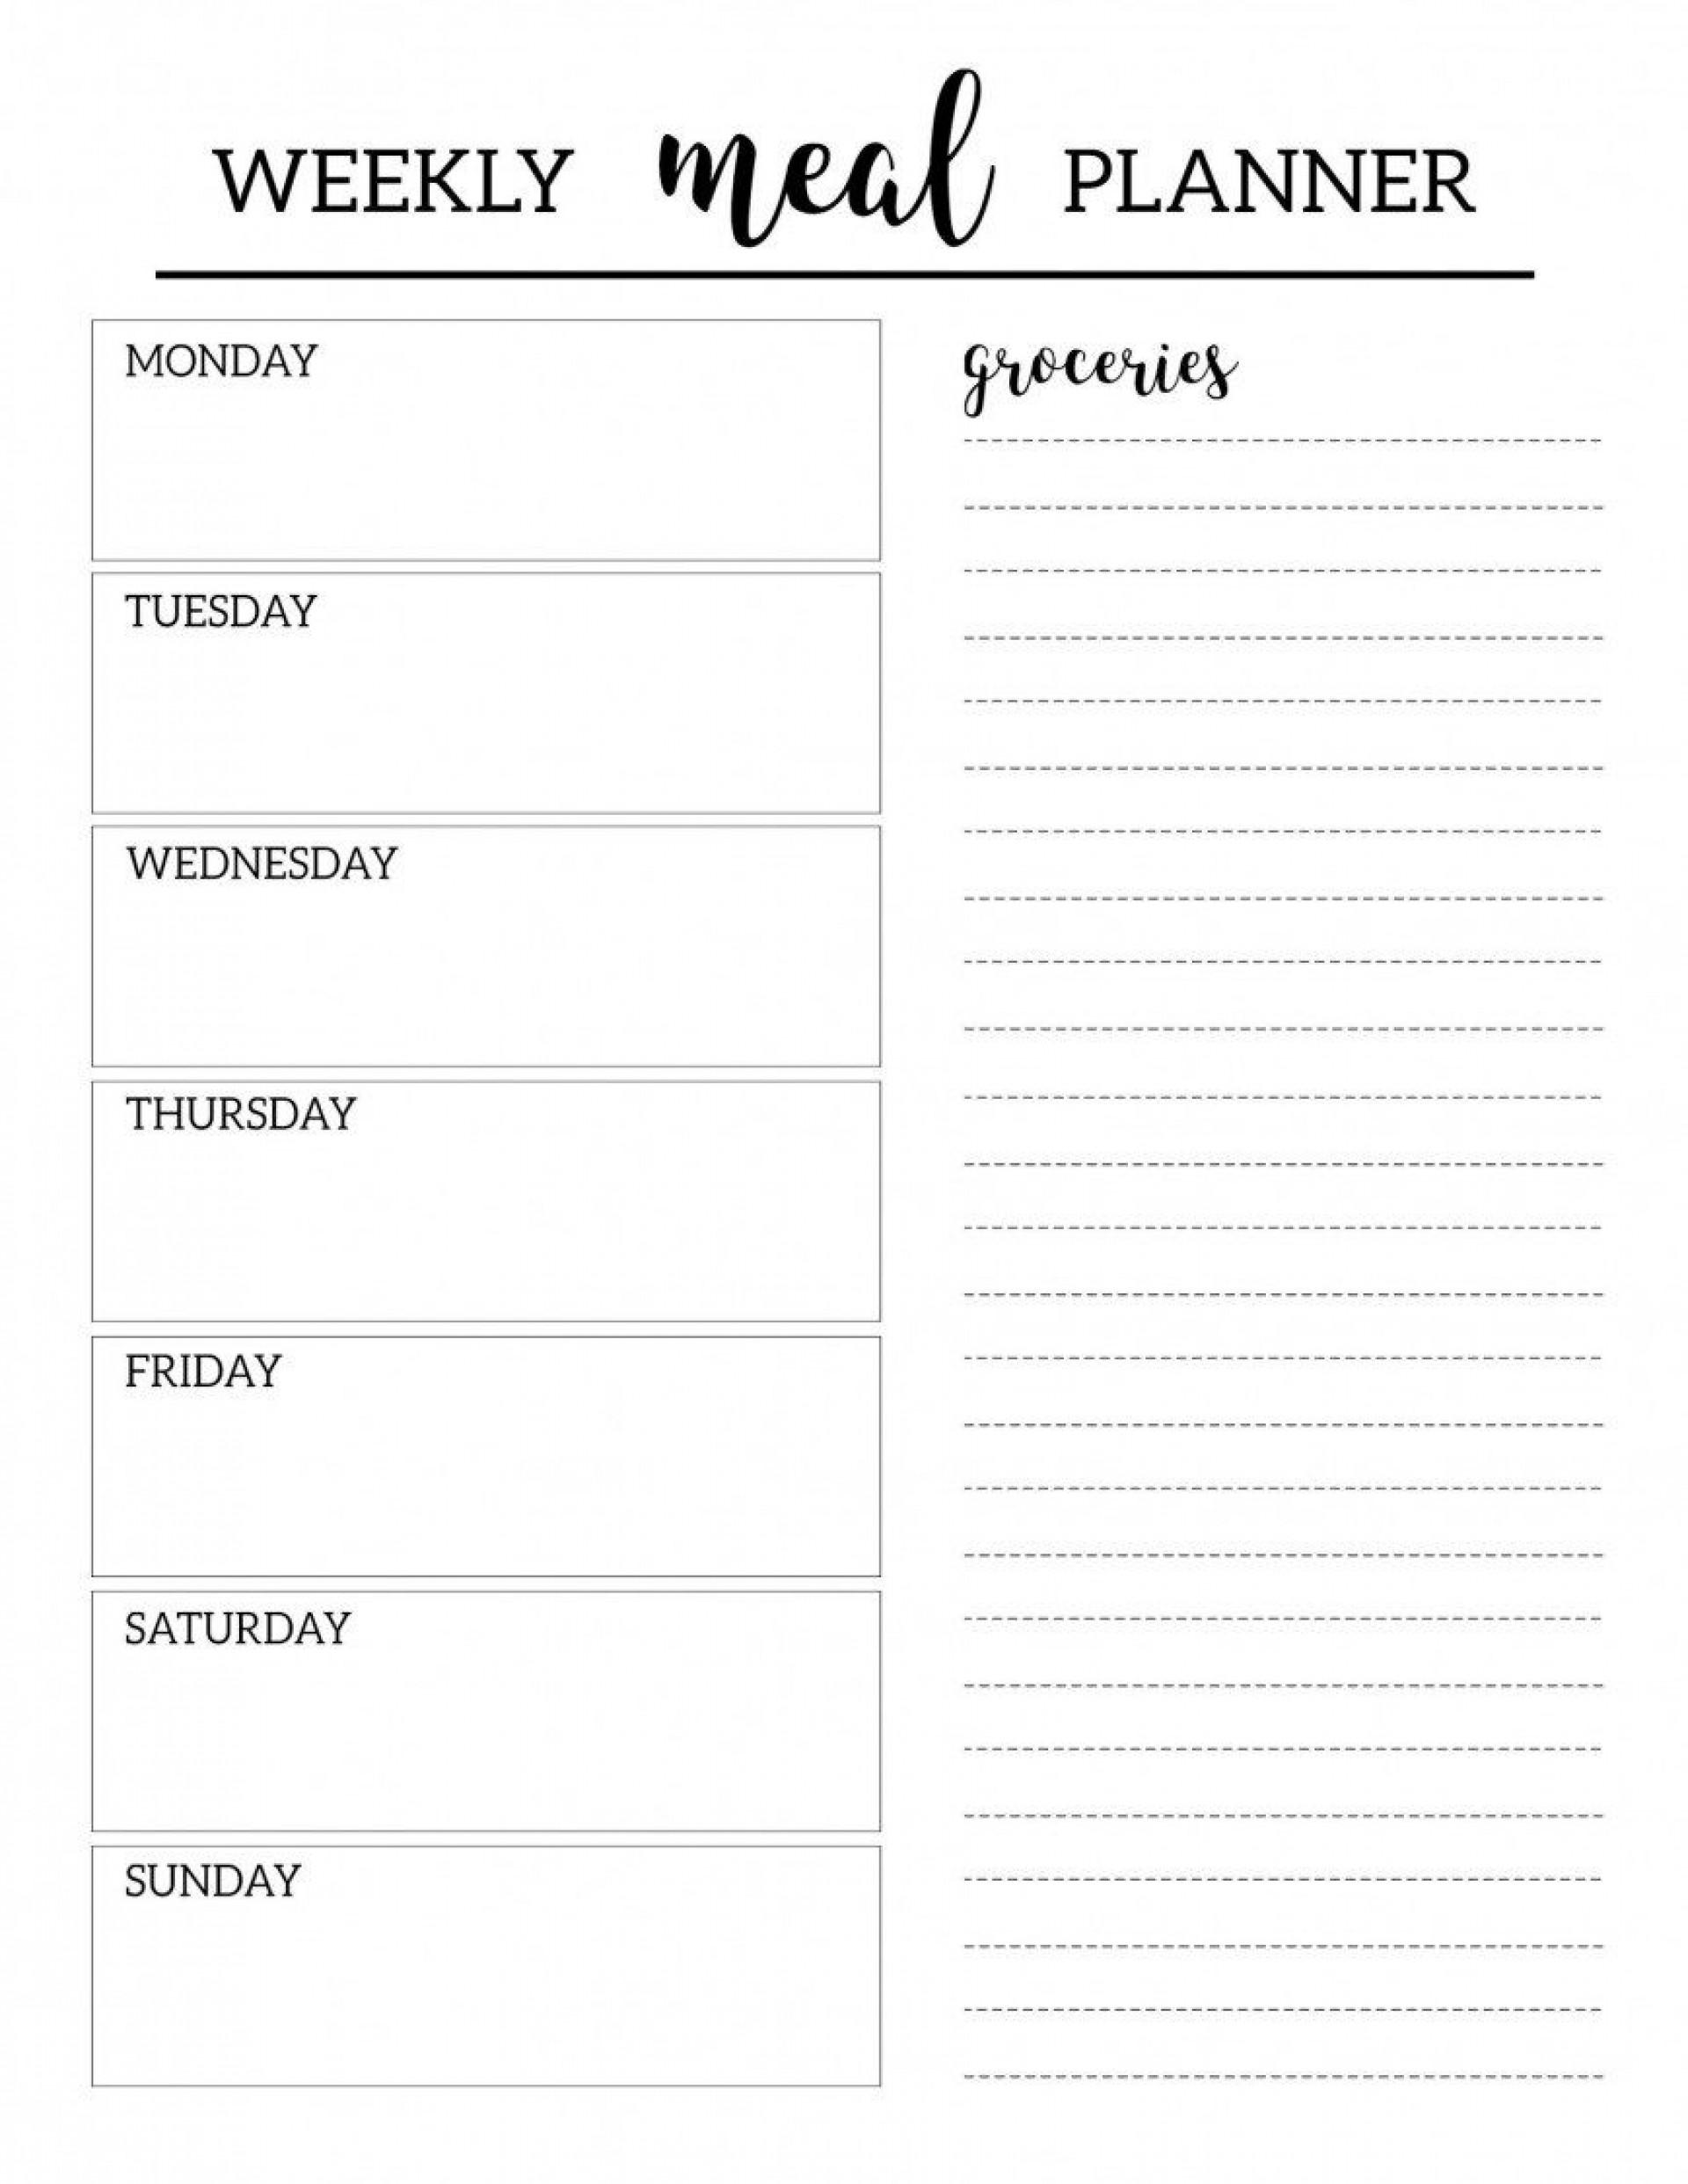 003 Surprising Weekly Meal Planning Worksheet Pdf Inspiration  Free1920